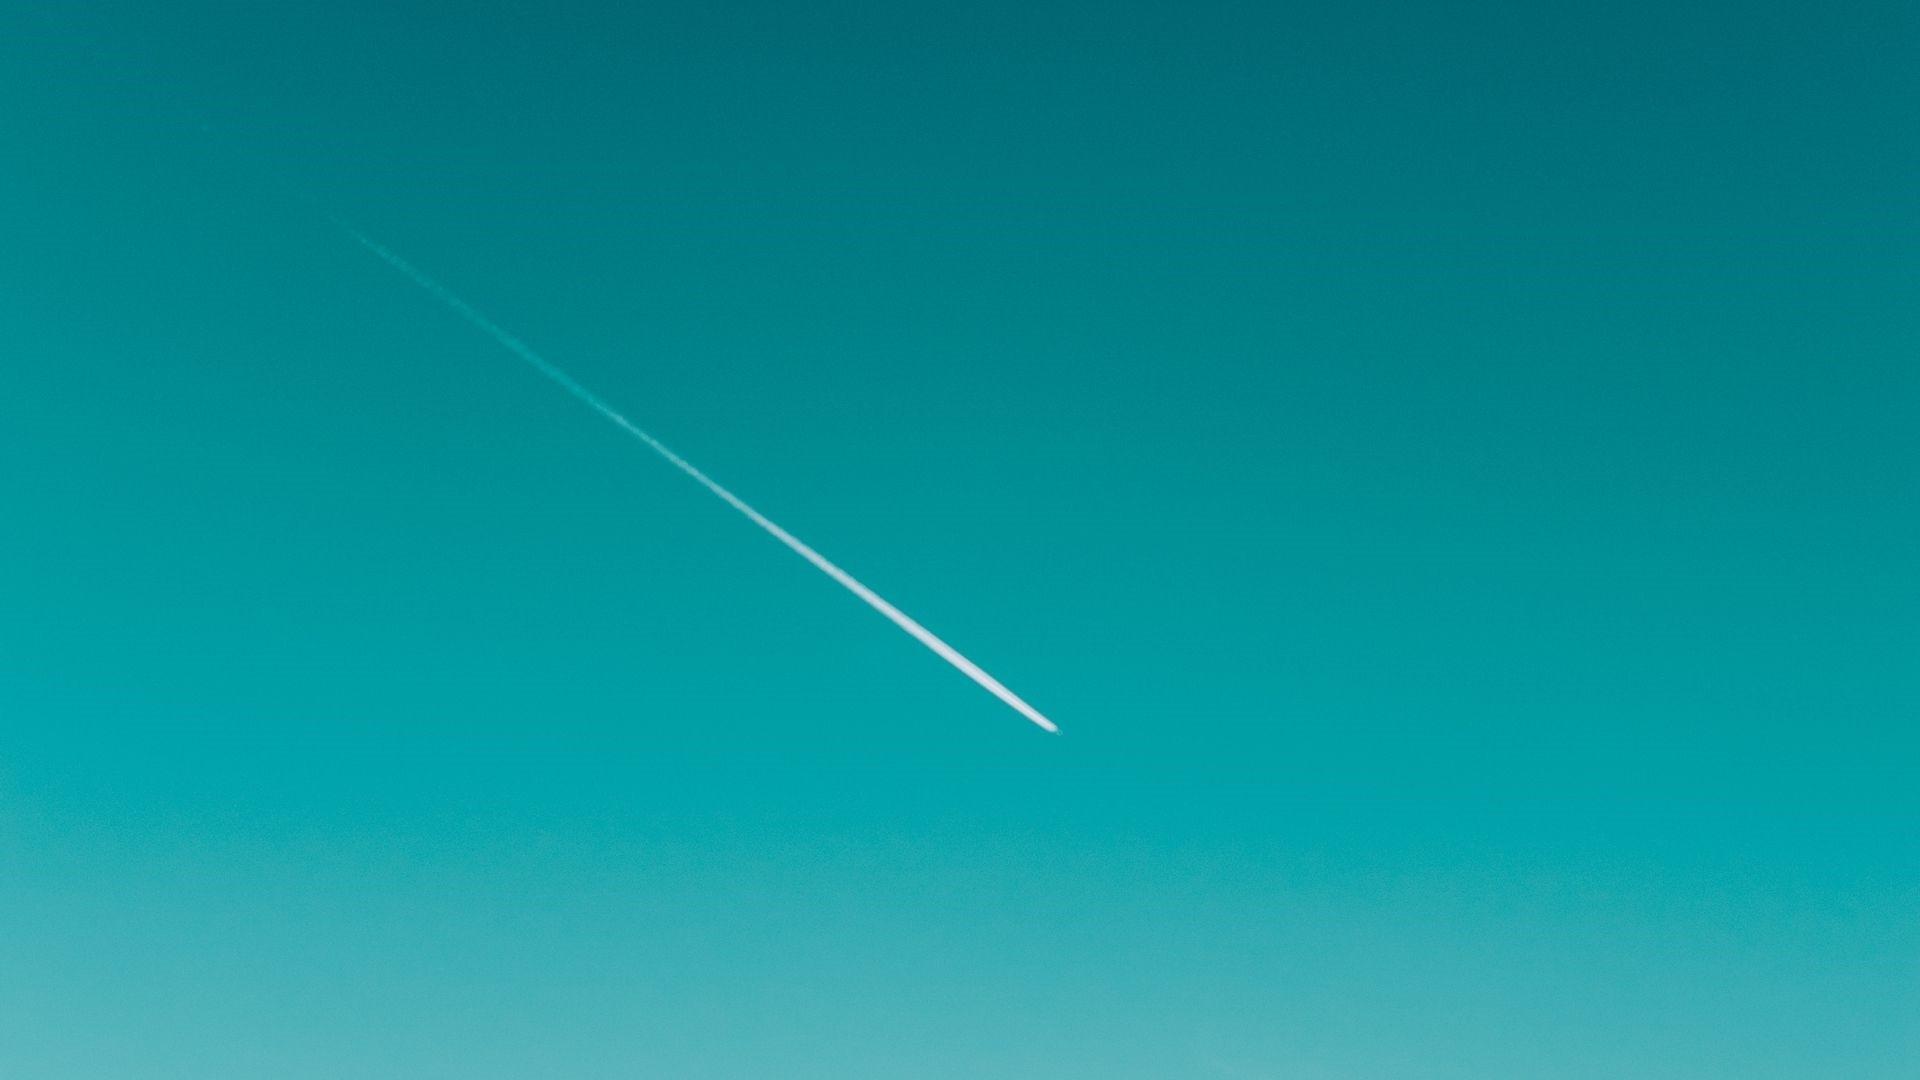 Sky Minimalist hd wallpaper download